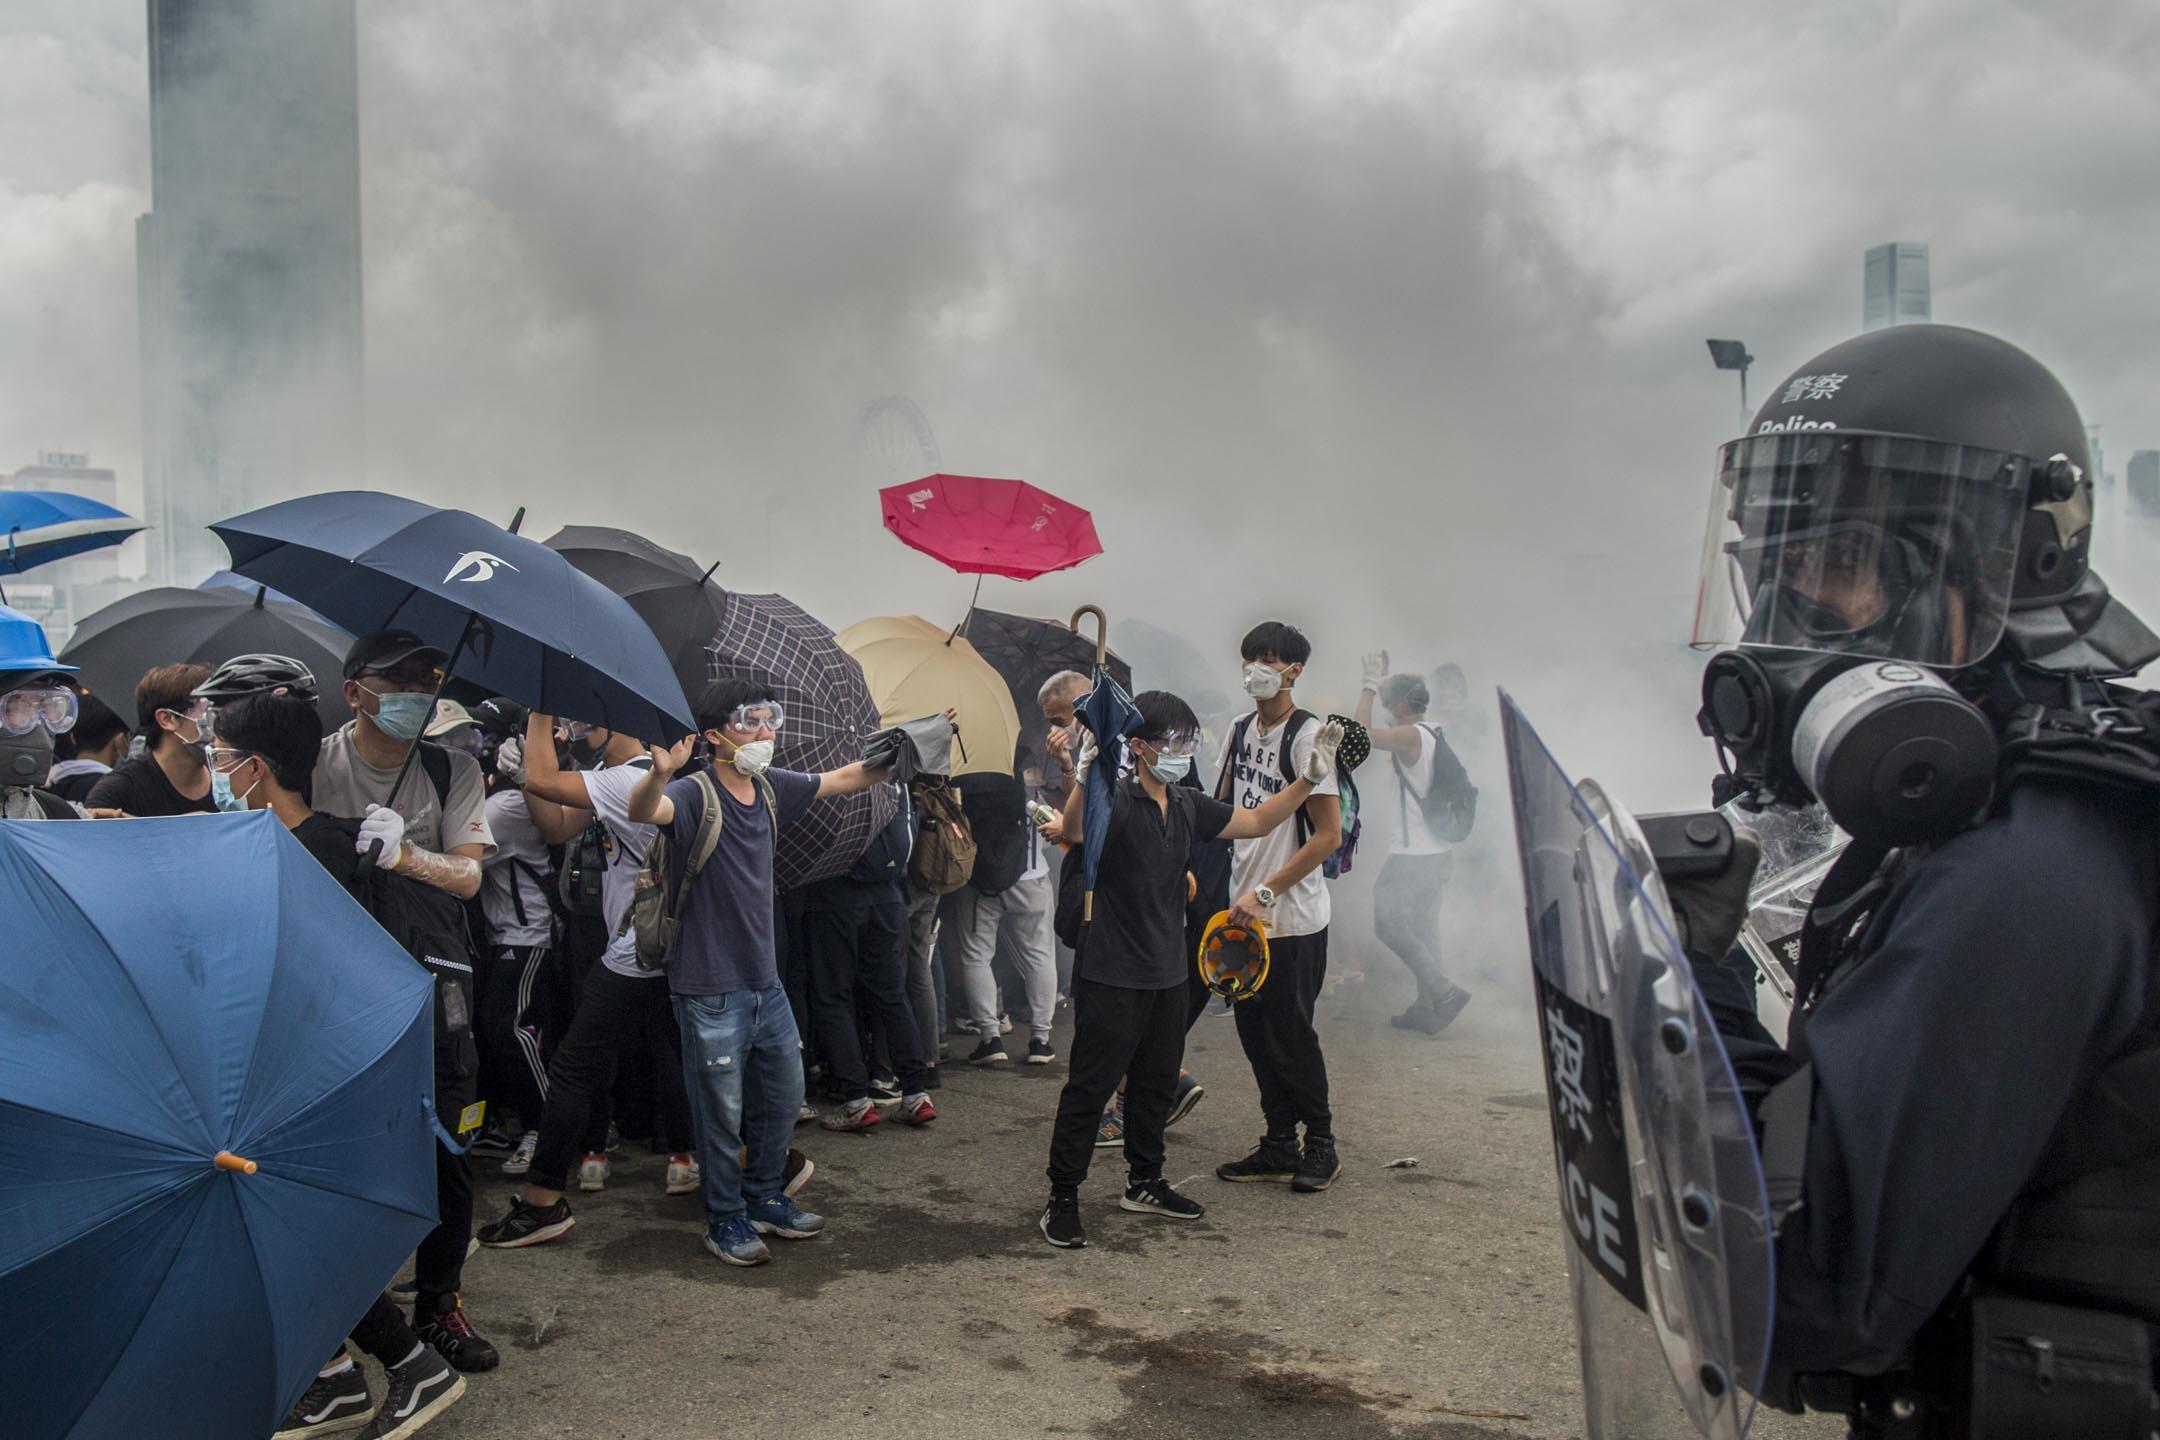 2019年6月12日,警方數十名速龍小隊在龍和道驅趕示威者,他們以雨傘來對抗。